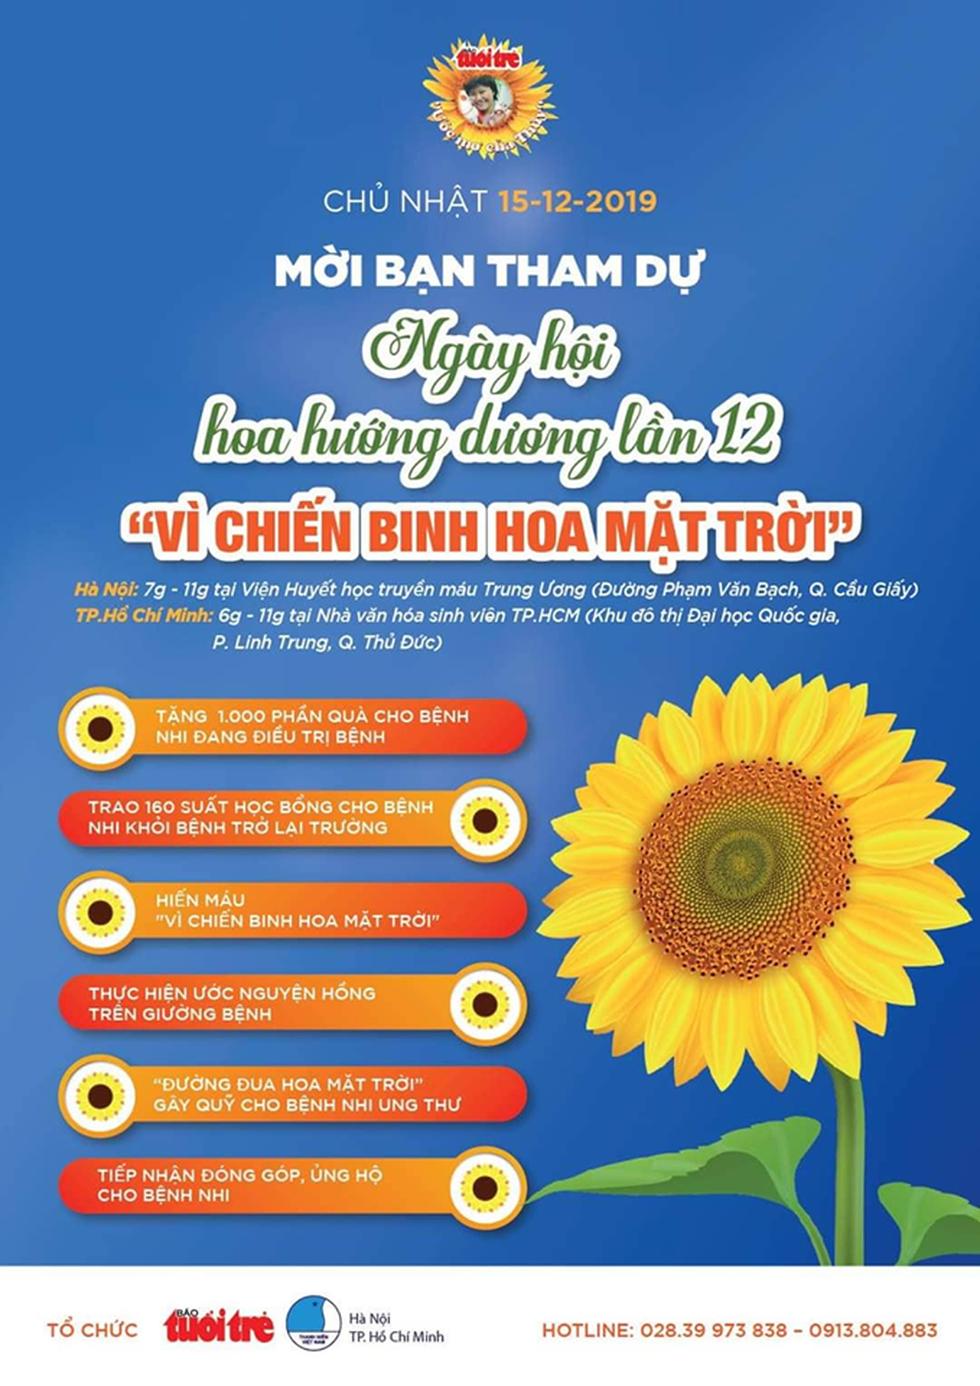 Đường đua hoa mặt trời vì bệnh nhi ung thư - Ảnh 3.